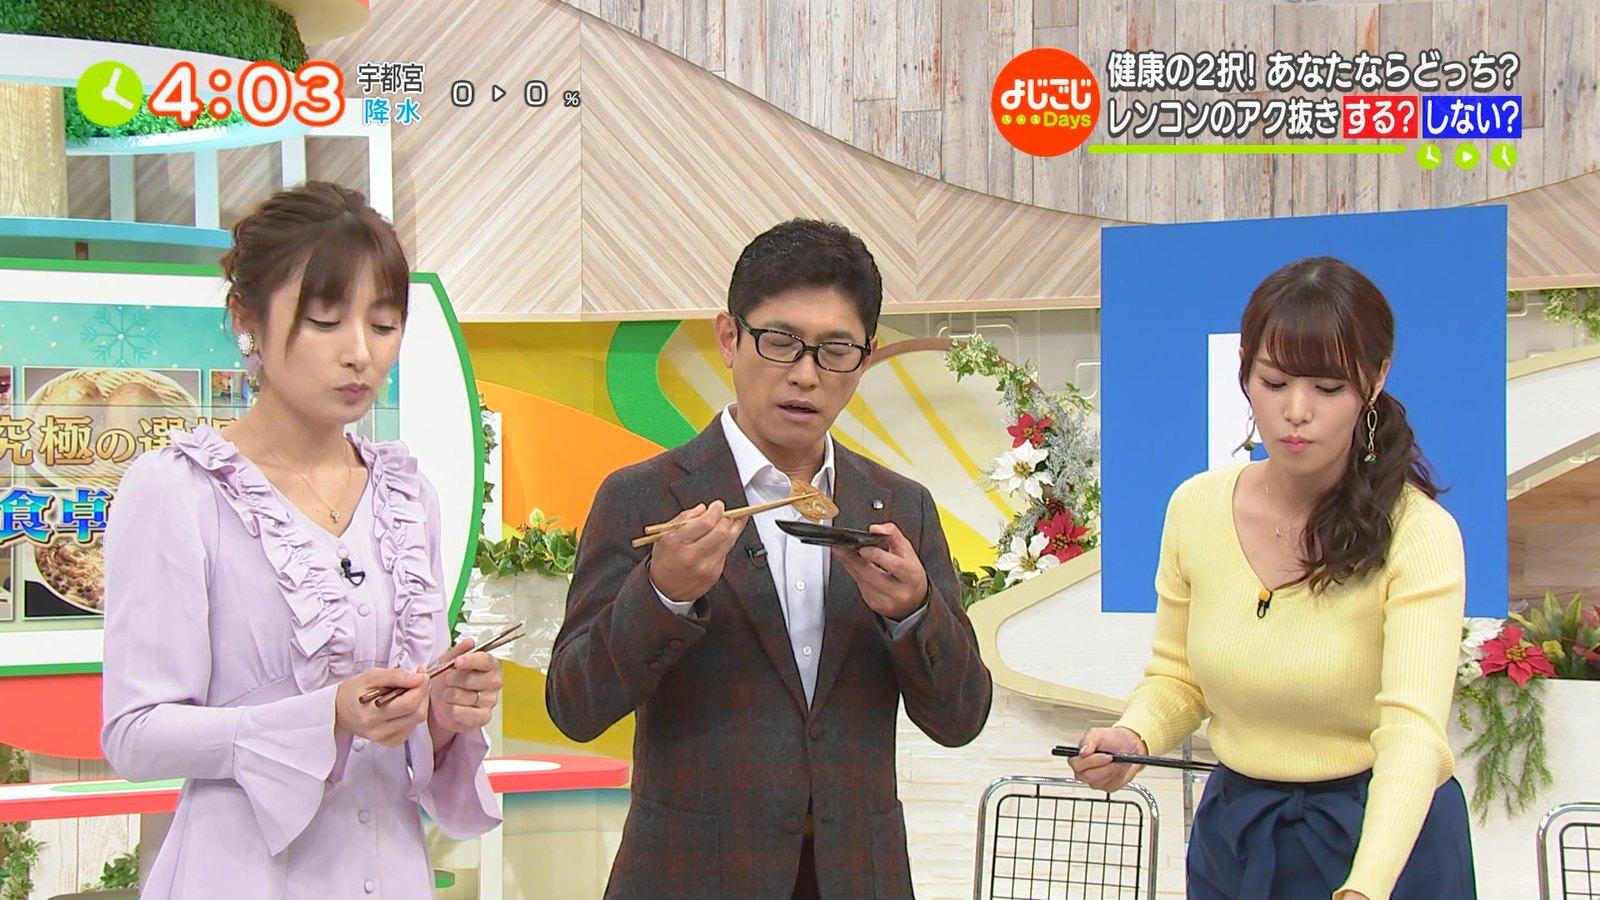 20181206テレビ東京「よじごじdays」・鷲見玲奈さんのテレビキャプチャー画像-019